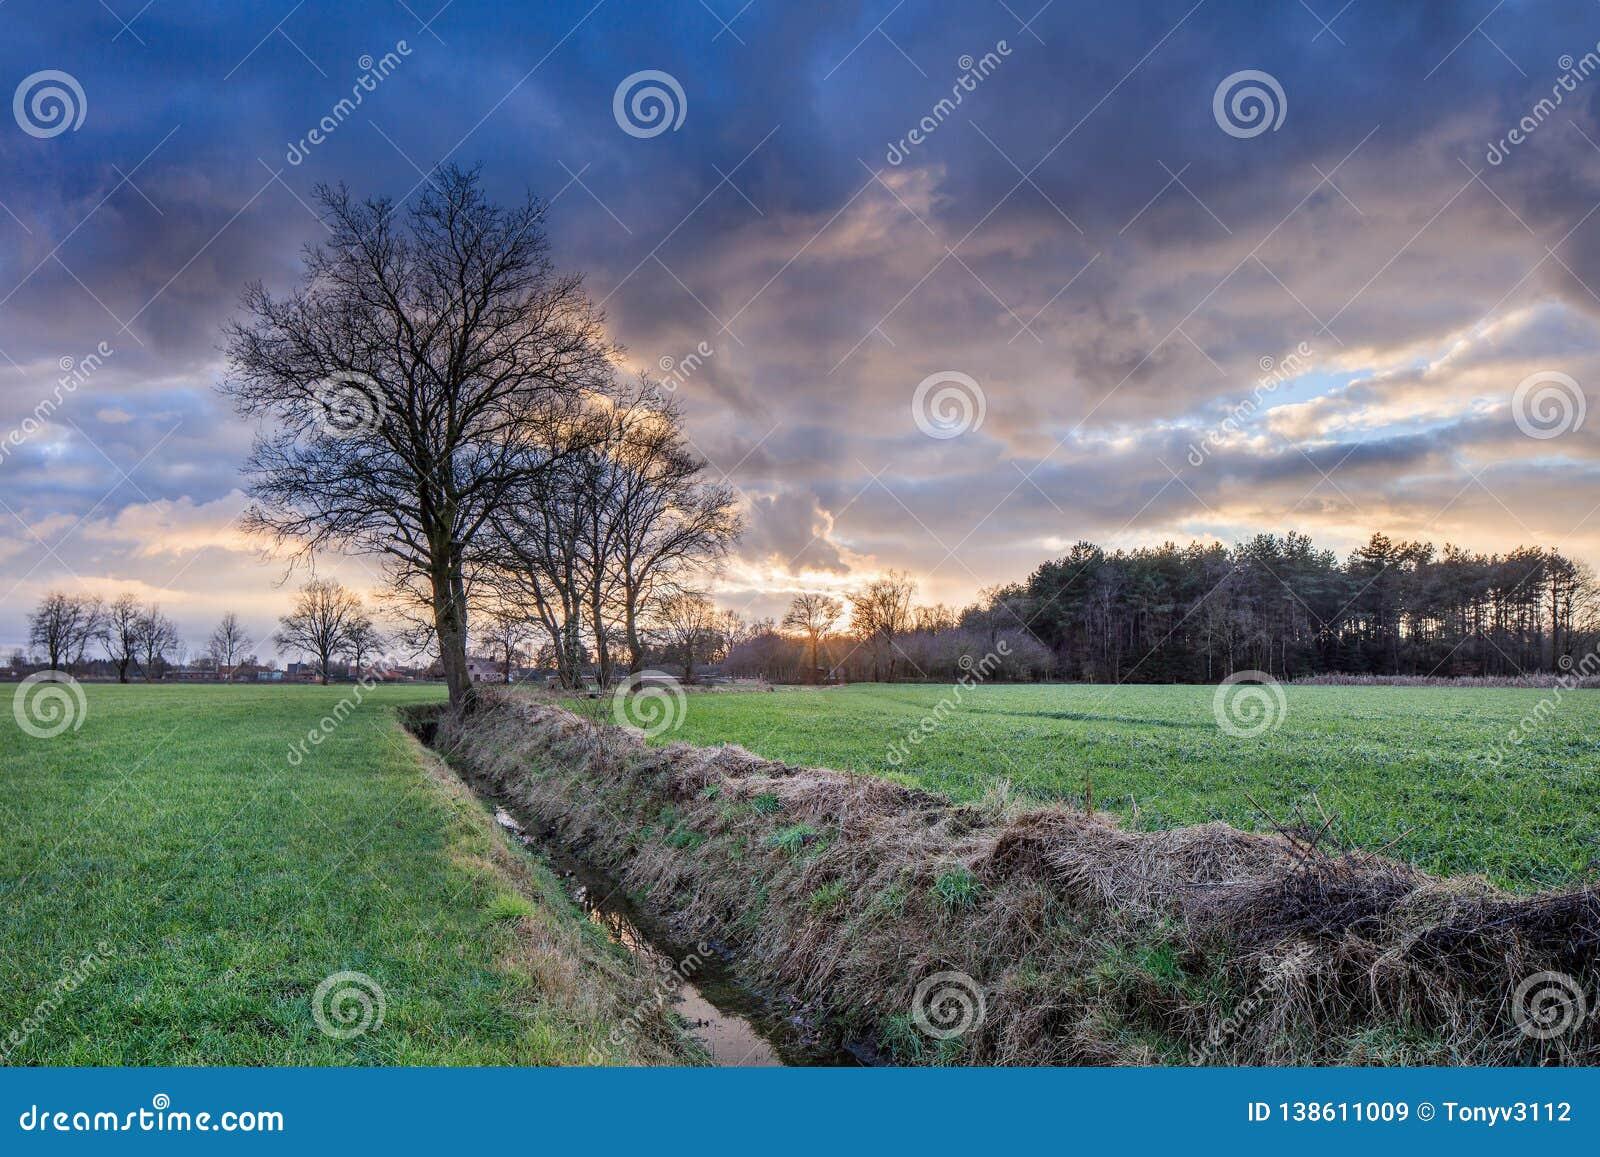 Cenário rural, campo com árvores perto de uma vala e por do sol colorido com nuvens dramáticas, Weelde, Bélgica